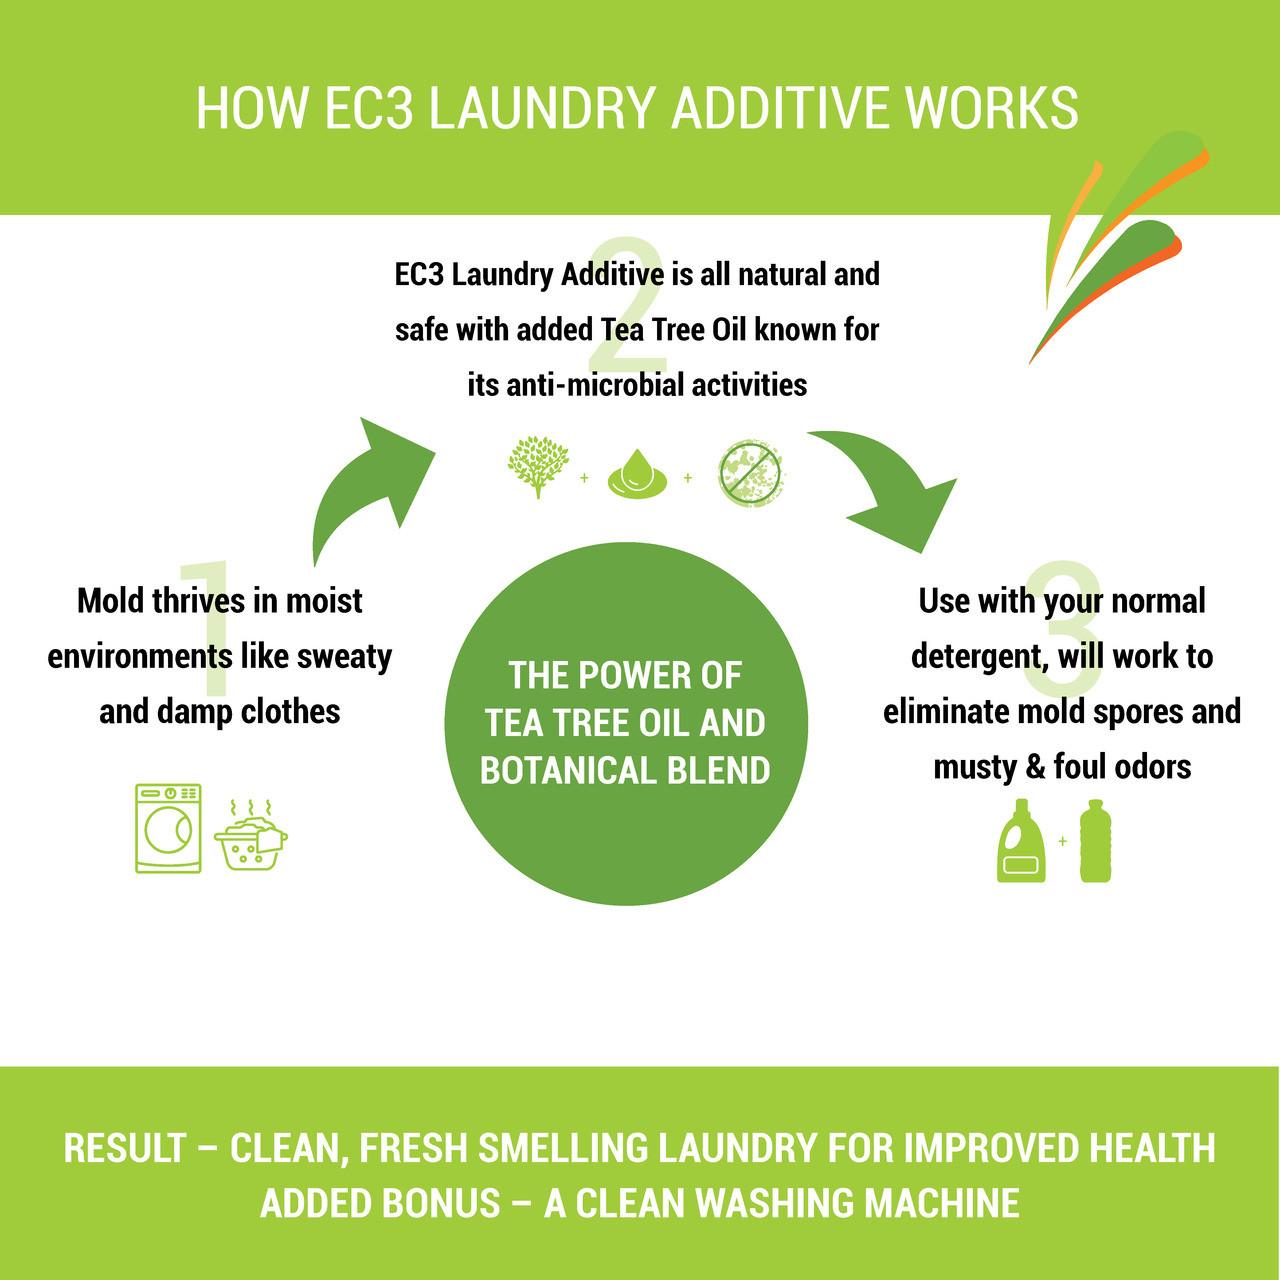 EC3 Laundry Additive